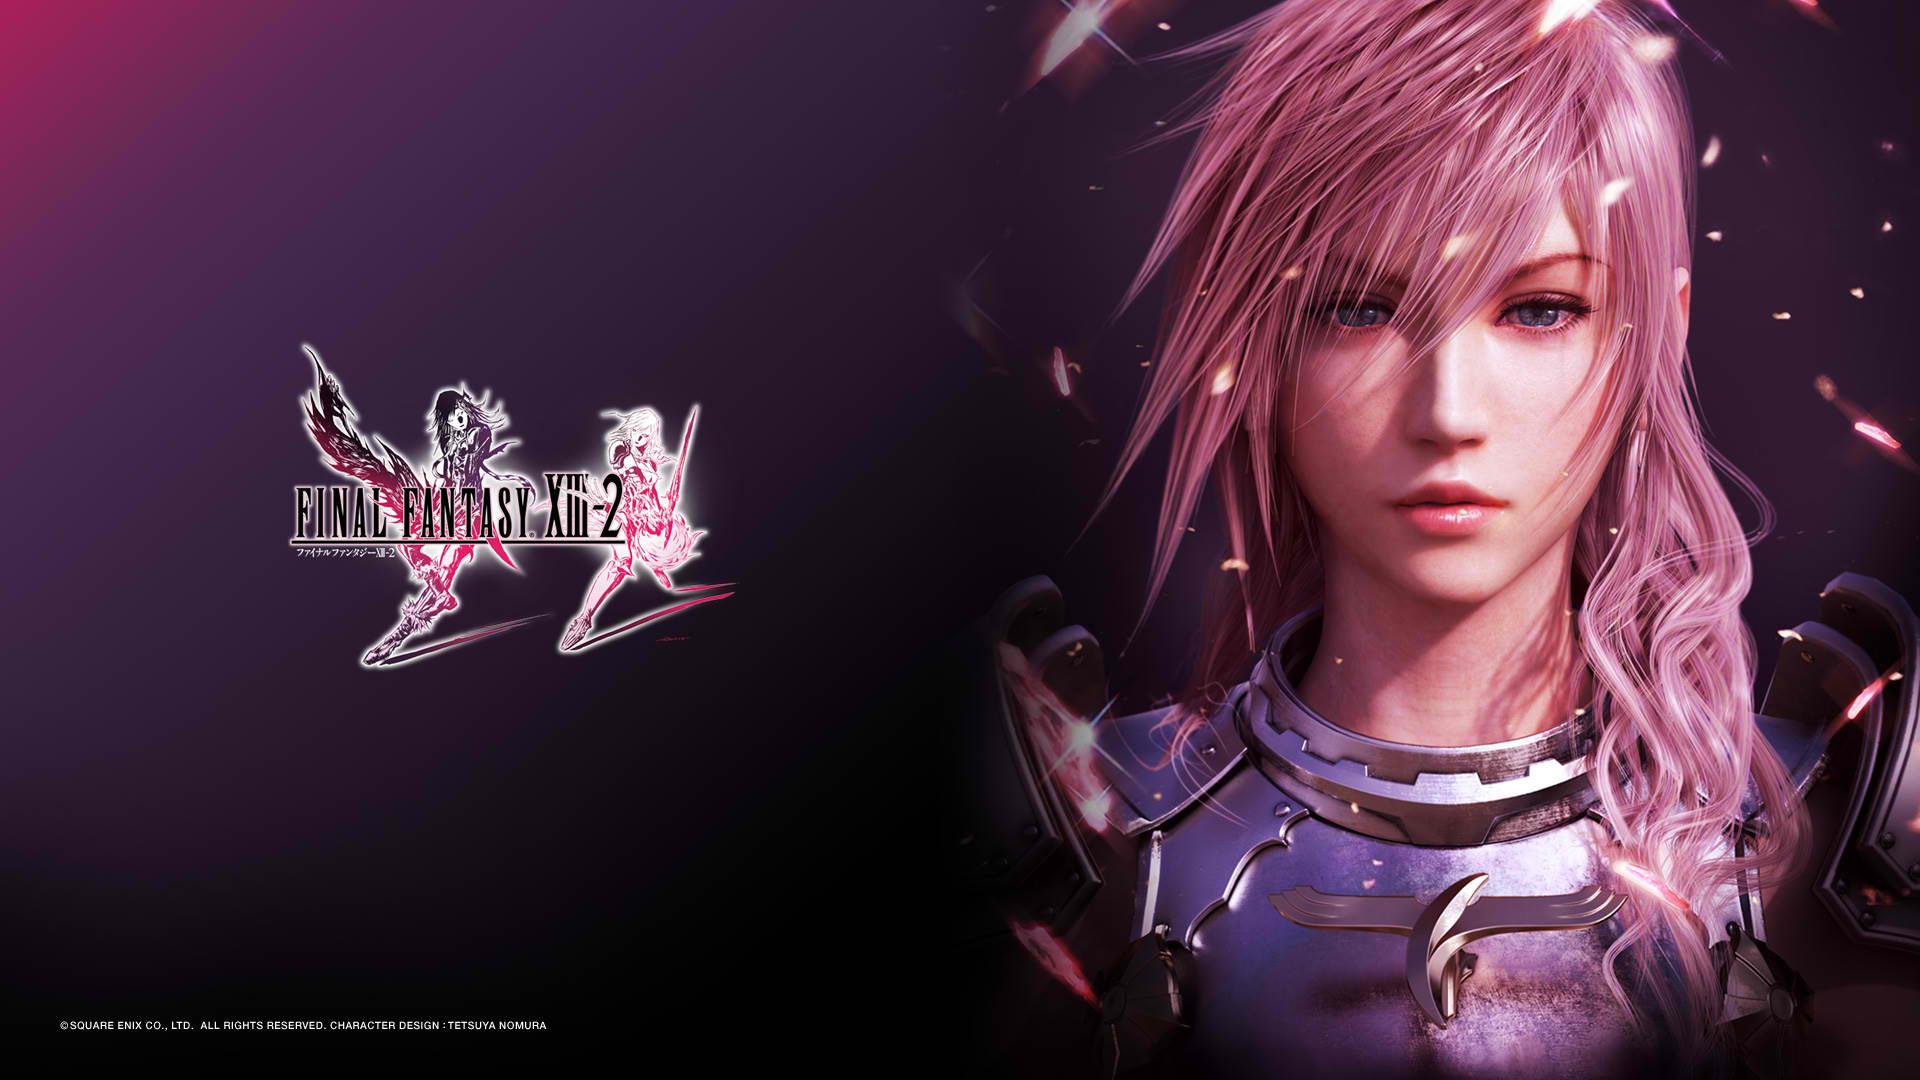 Final Fantasy Xiii Hd 11453 Hd Wallpaper